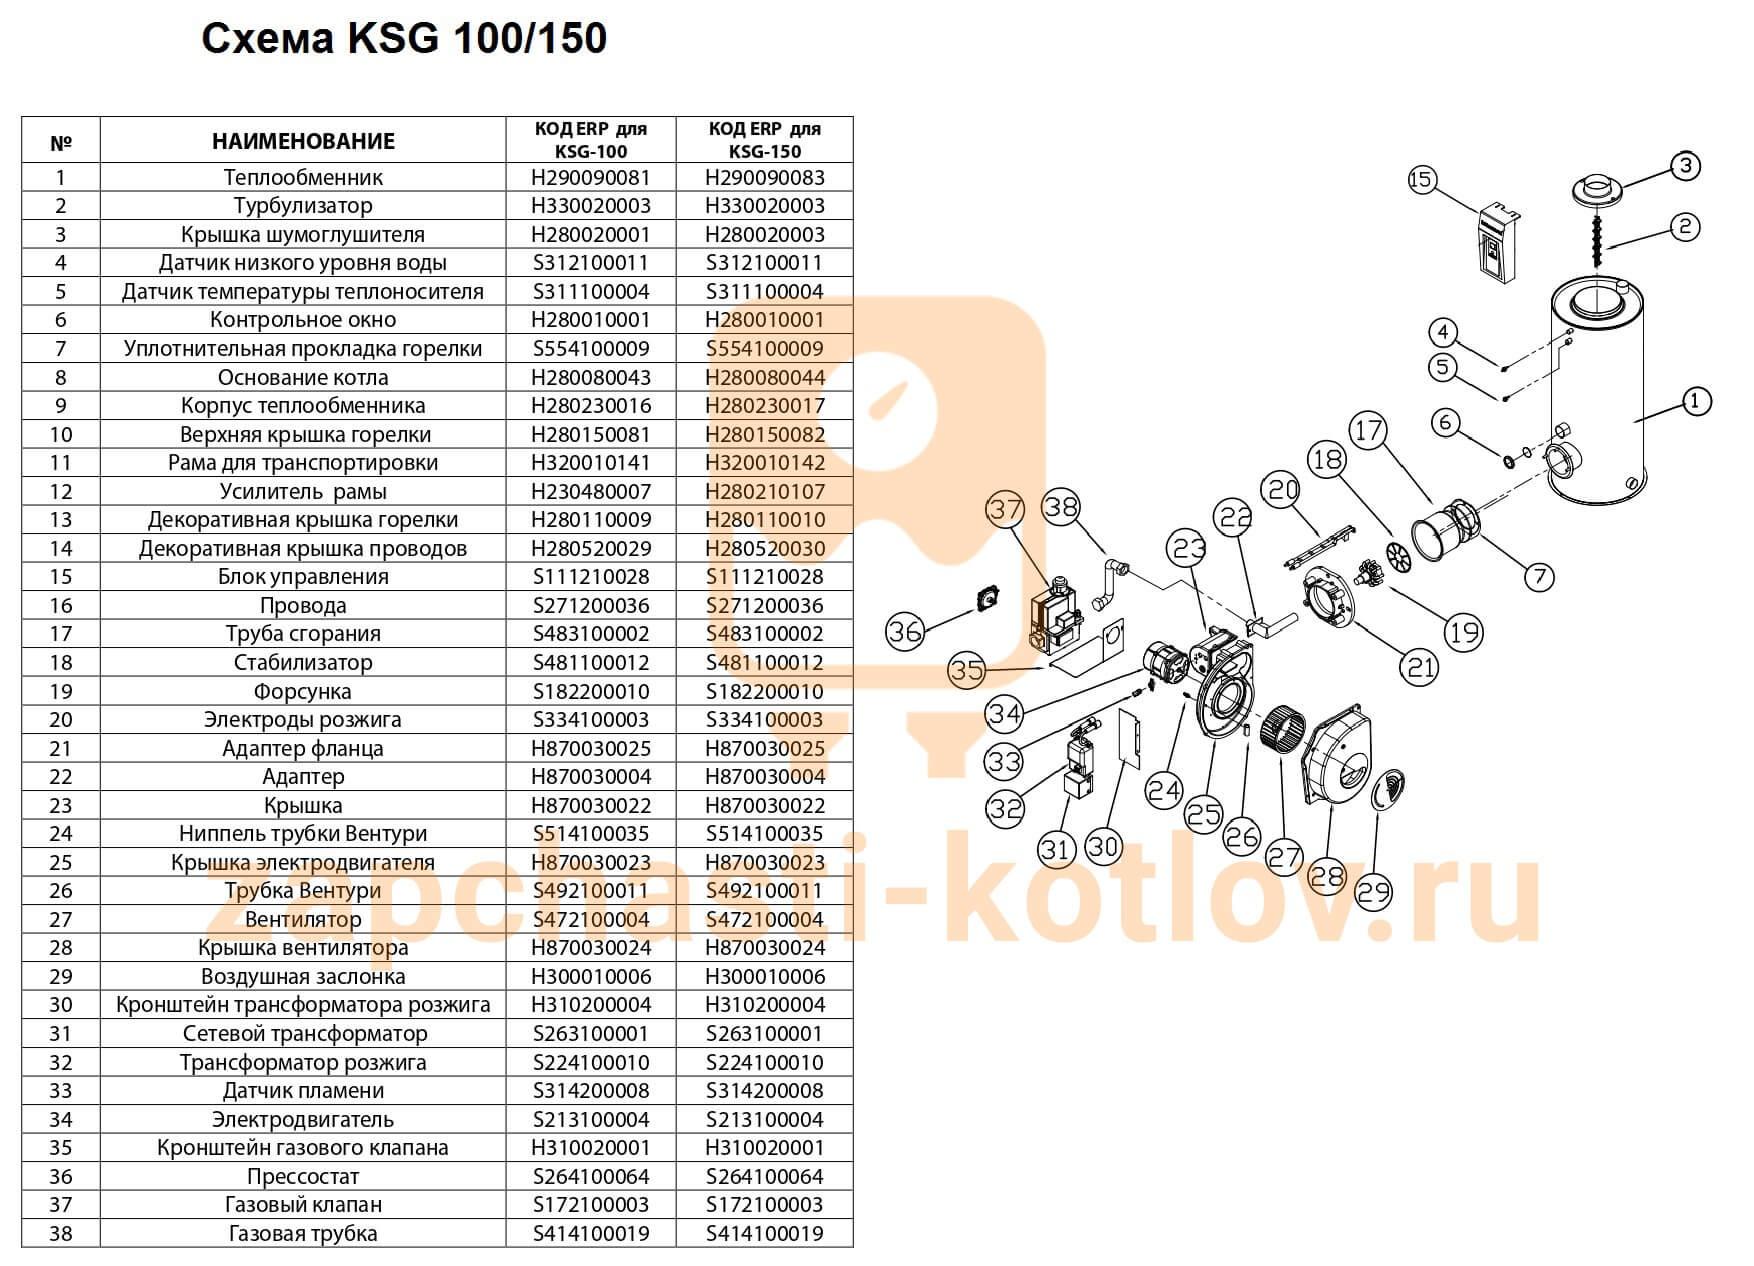 Kiturami KSG 100/150